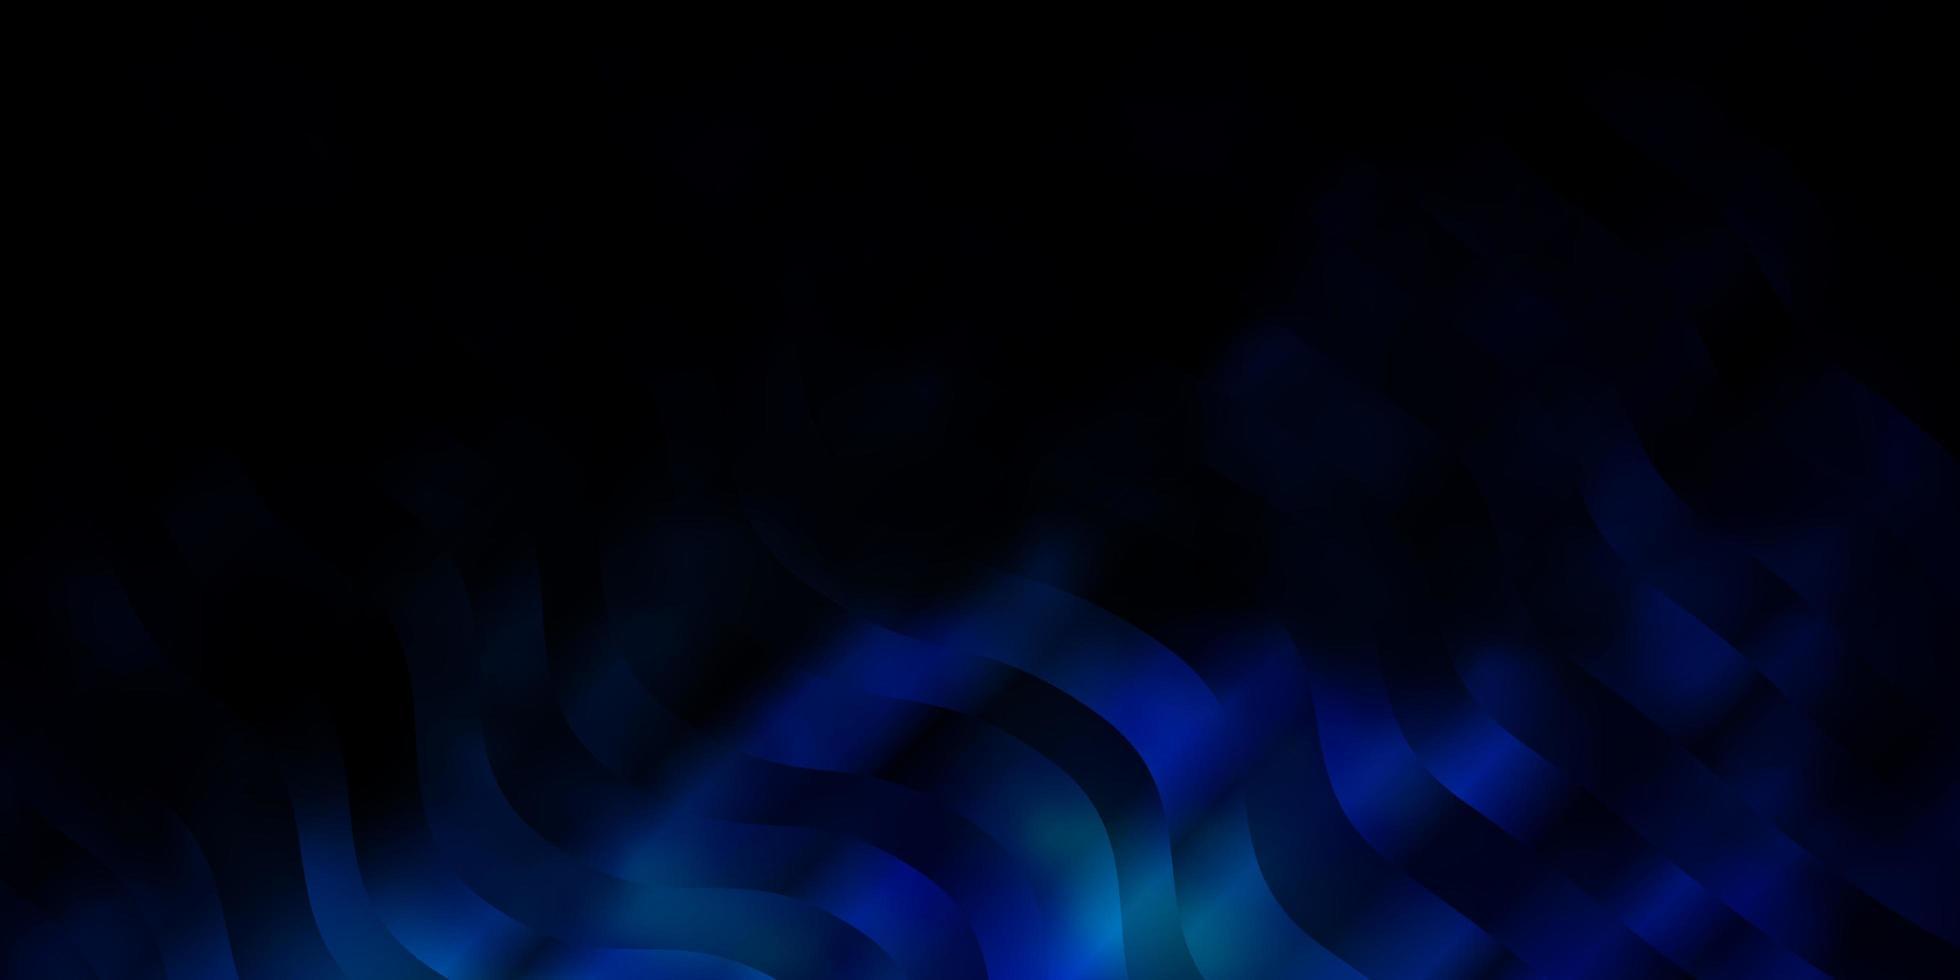 donkerblauwe achtergrond met gebogen lijnen. vector